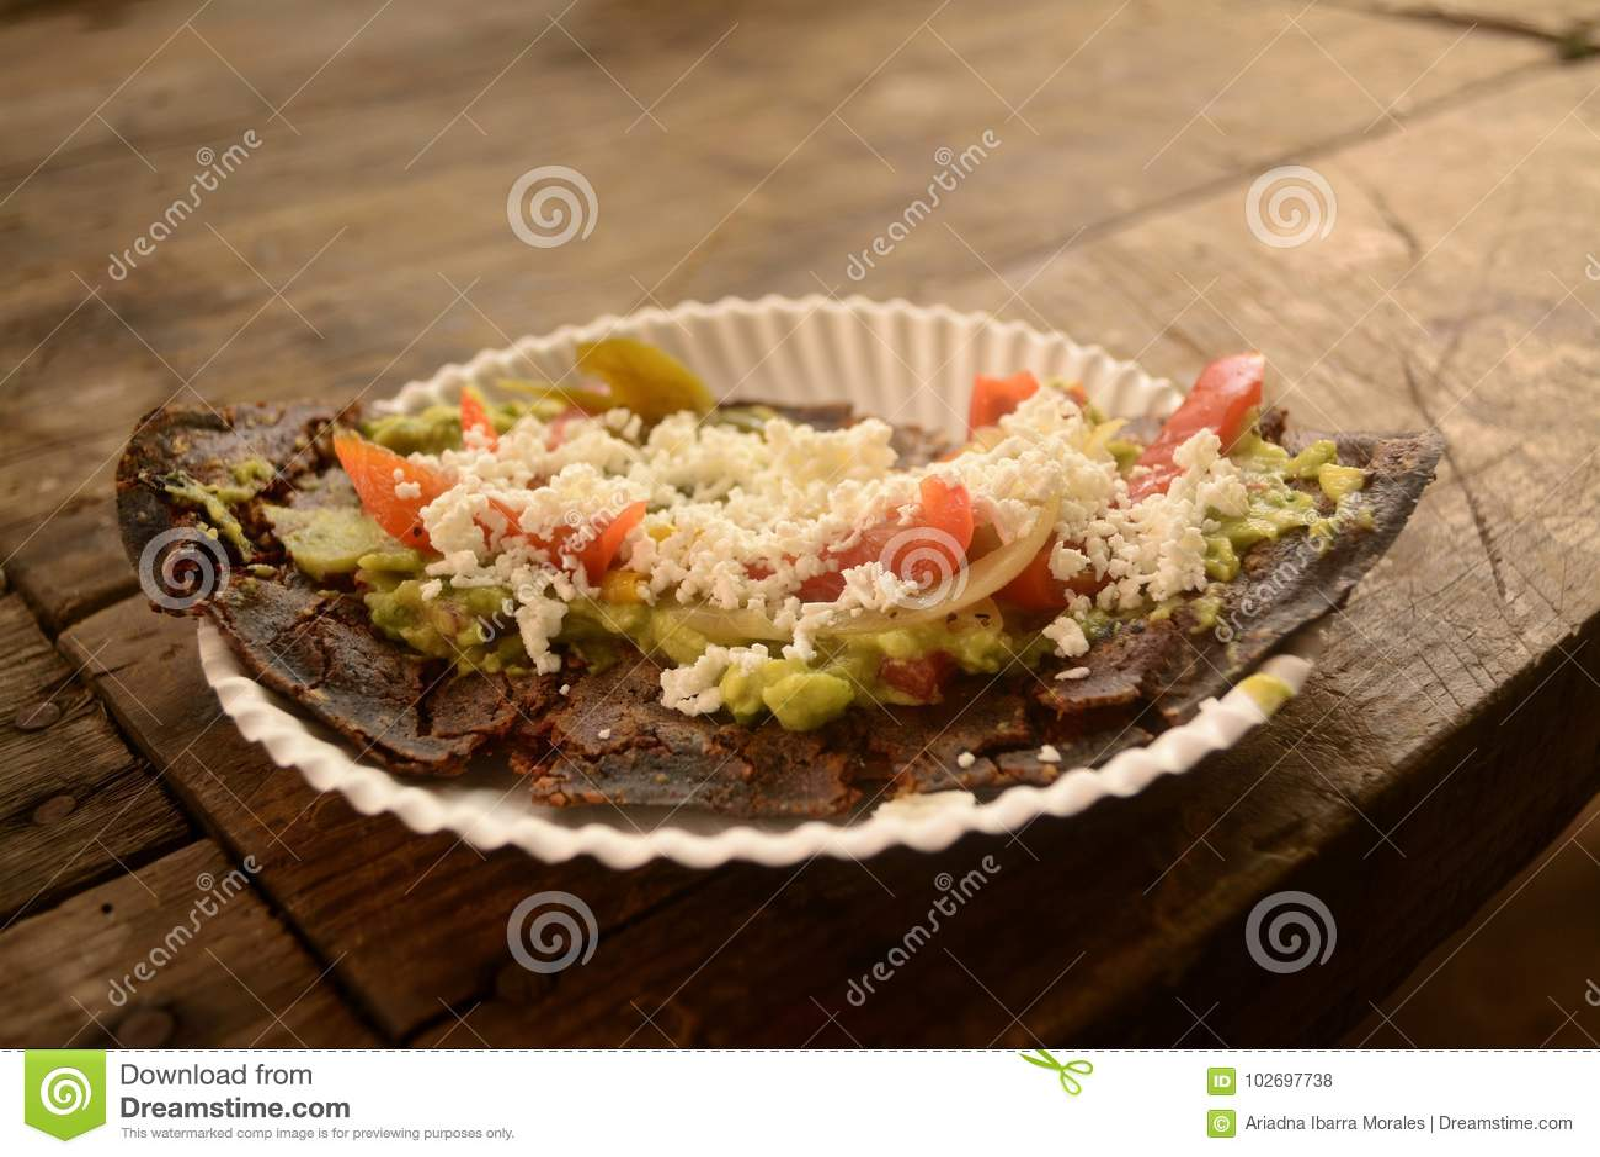 Tlacoyos mexicanos, um prato feito com milho azul e enchido com os feijões ou as favas fritadas, similares ao gordita mexicano, c